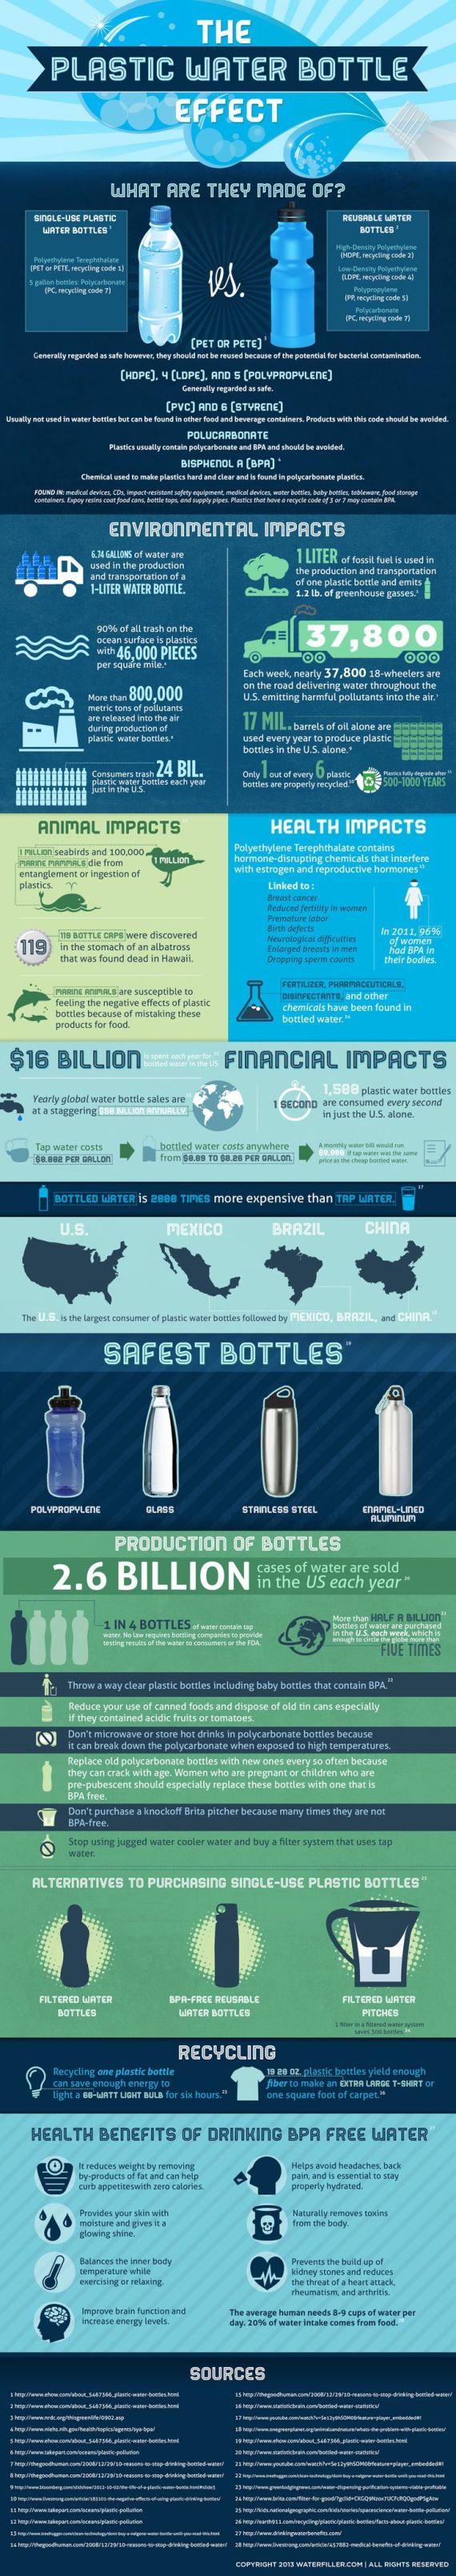 Plastic Water Bottle Effect